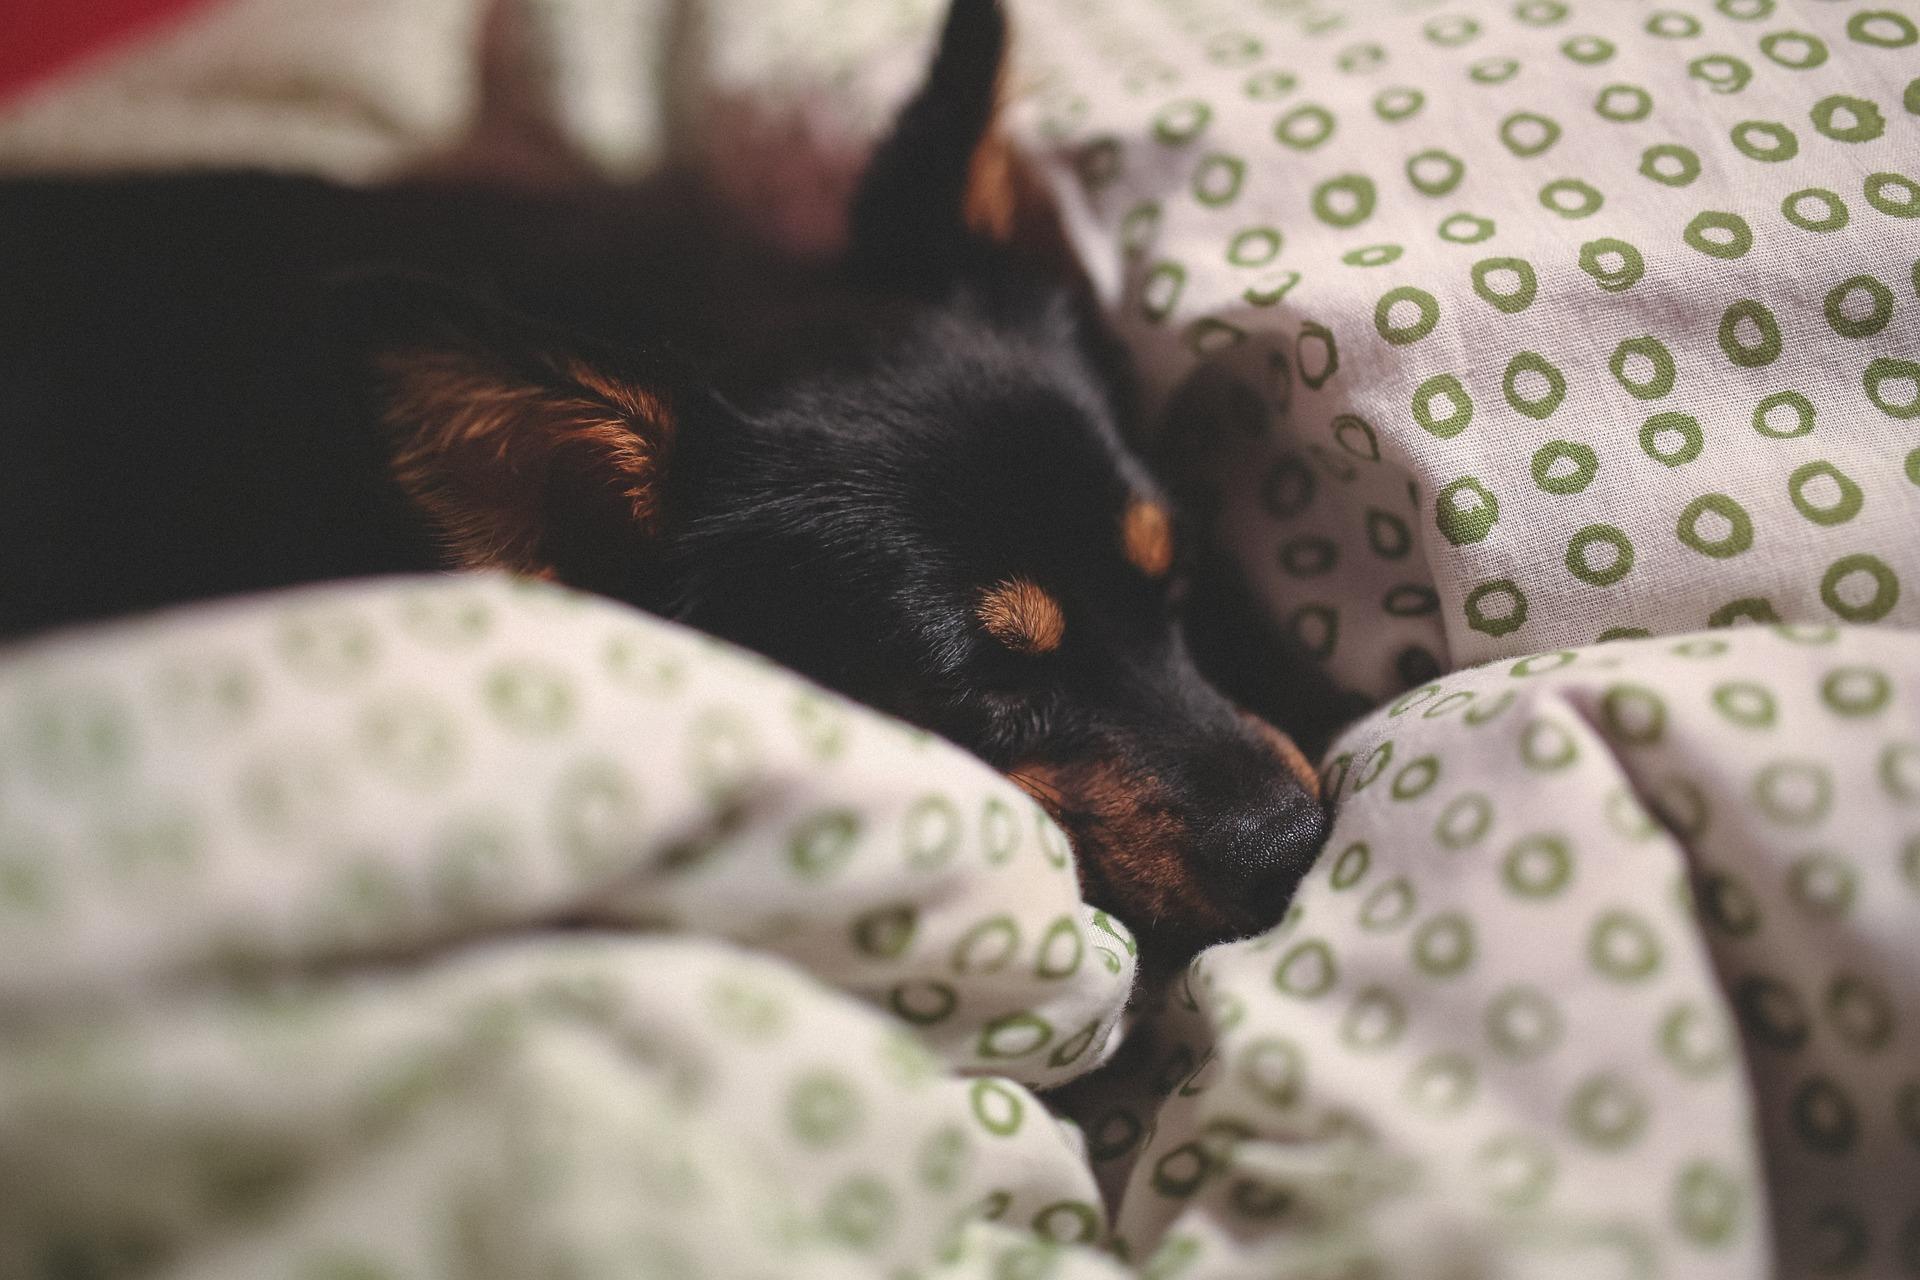 Juegos de sabanas ideales para dormir con tu mascota